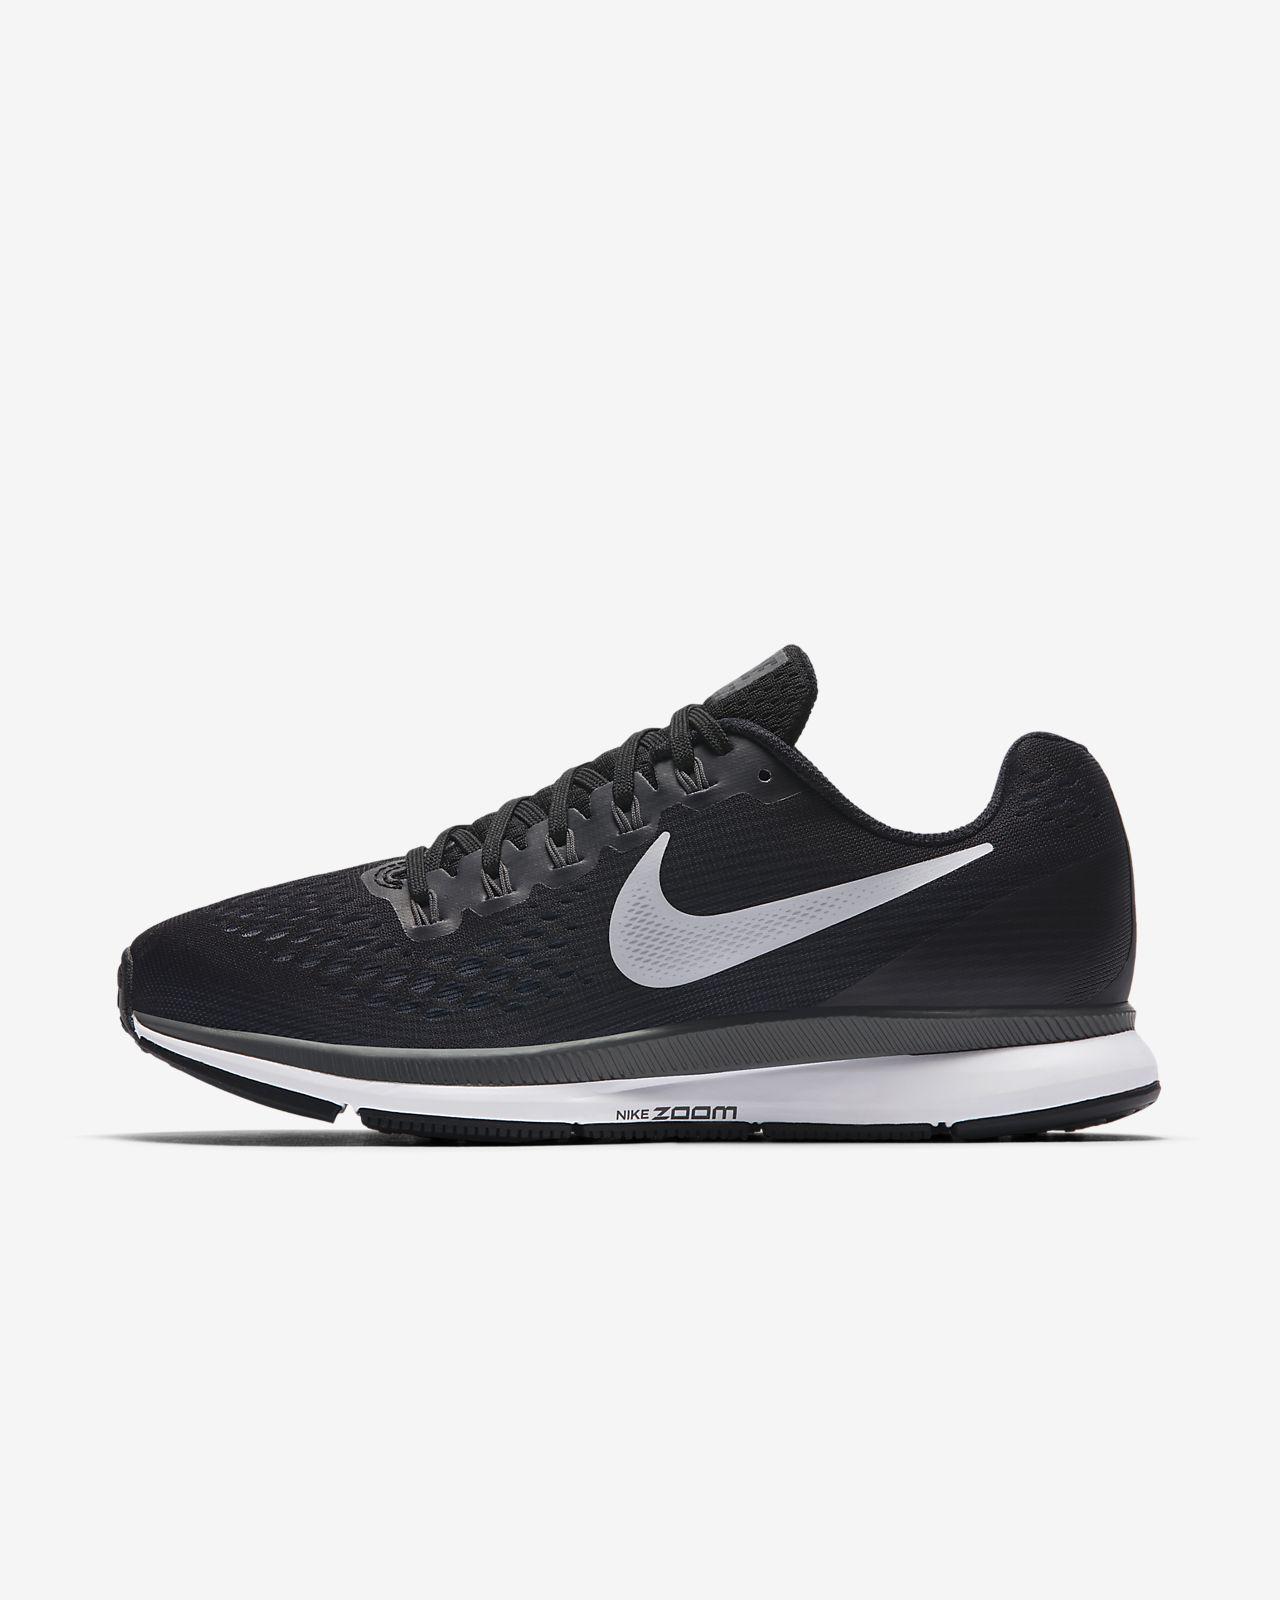 Nike Air Zoom Pegasus 34 Hardloopschoen voor dames